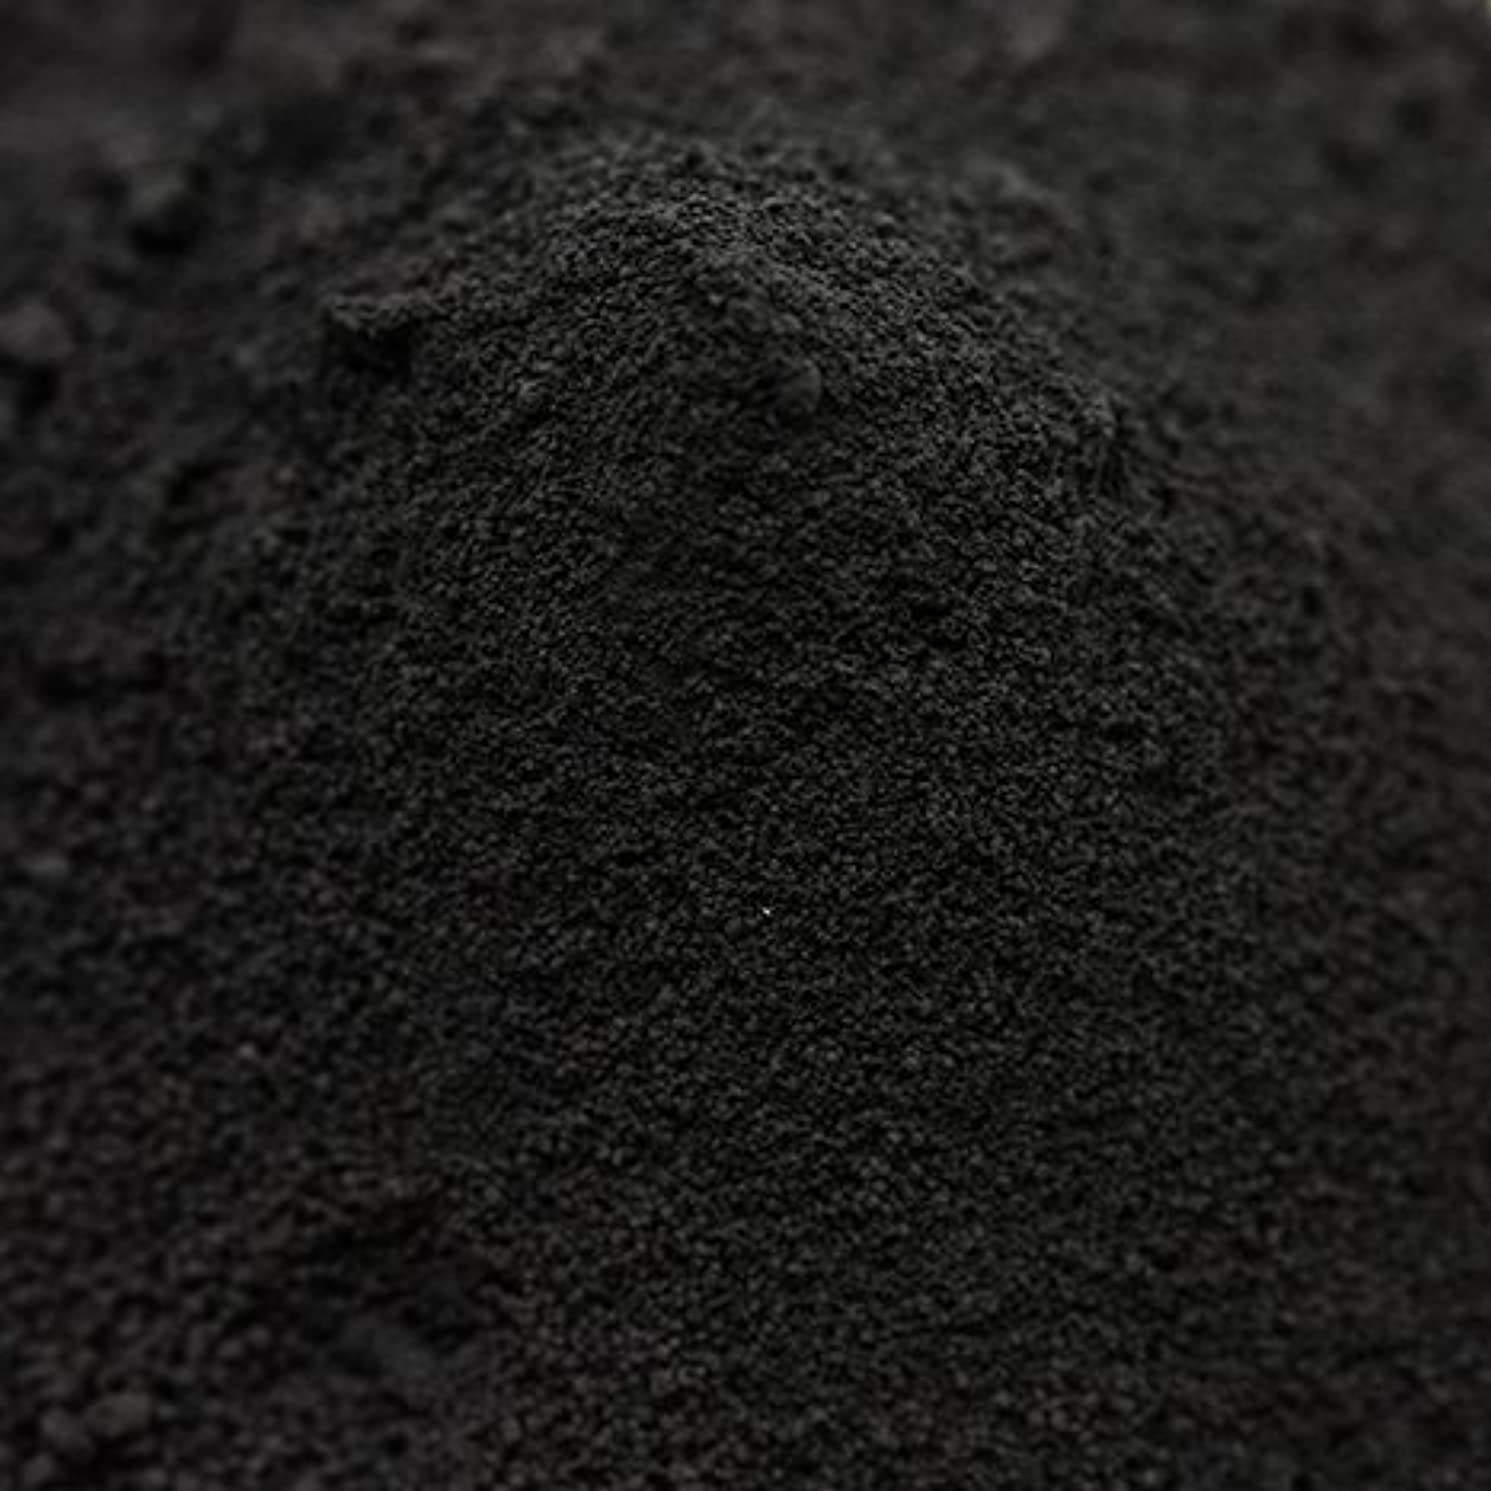 買い手フィードオンラウンジ竹炭パウダー(超微粉末) 50g 【手作り石鹸/手作りコスメに】